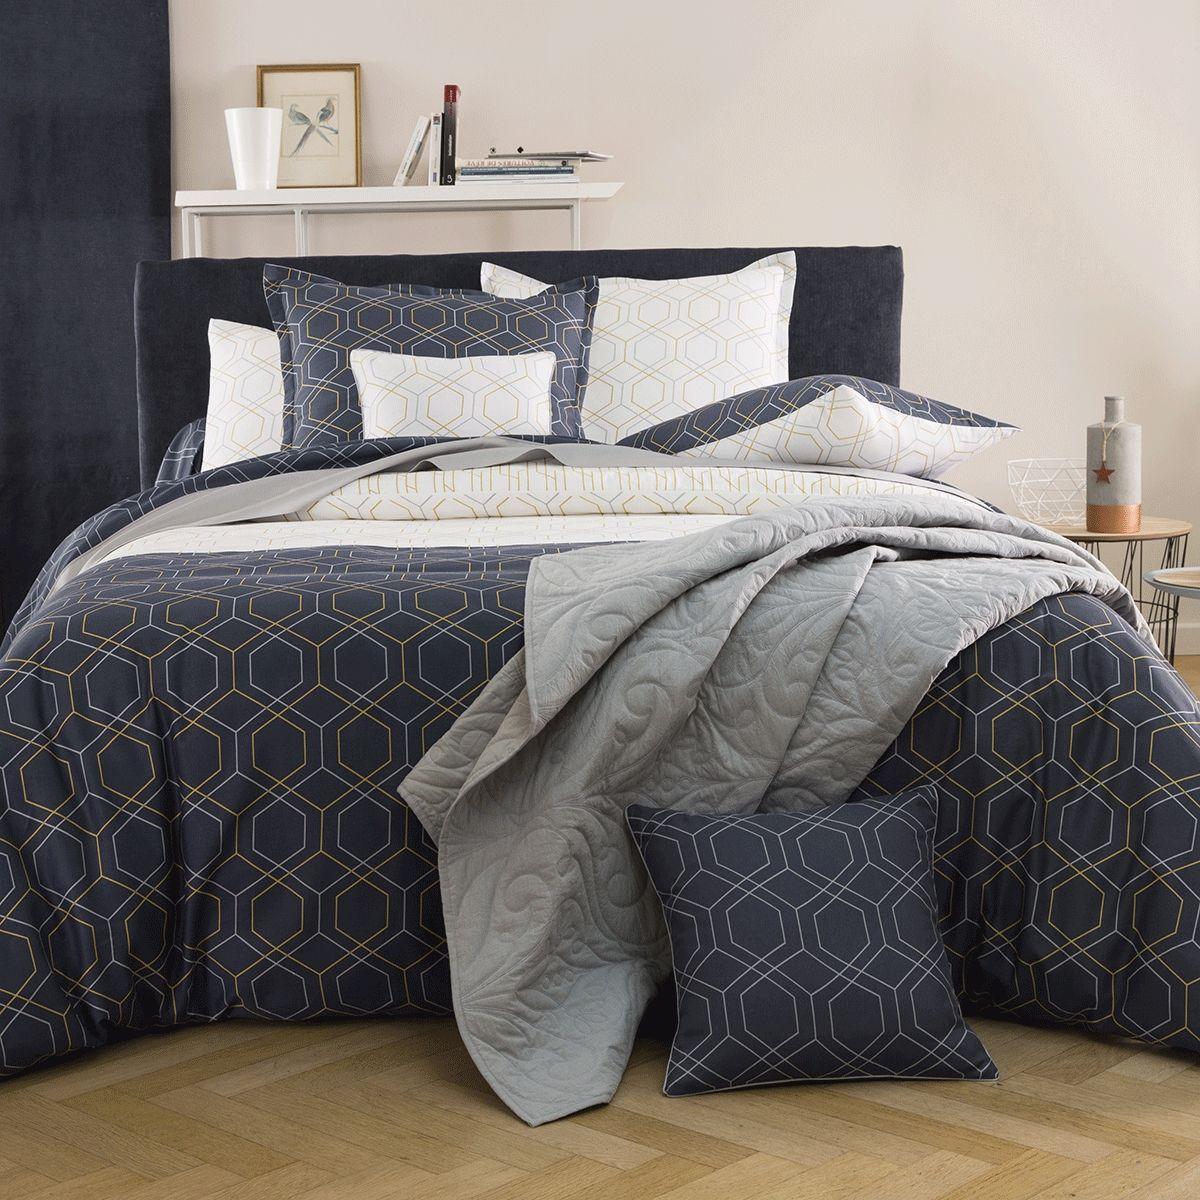 housse de coussin galata soldes jusqu 39 55 linge de maison tradition des vosges. Black Bedroom Furniture Sets. Home Design Ideas